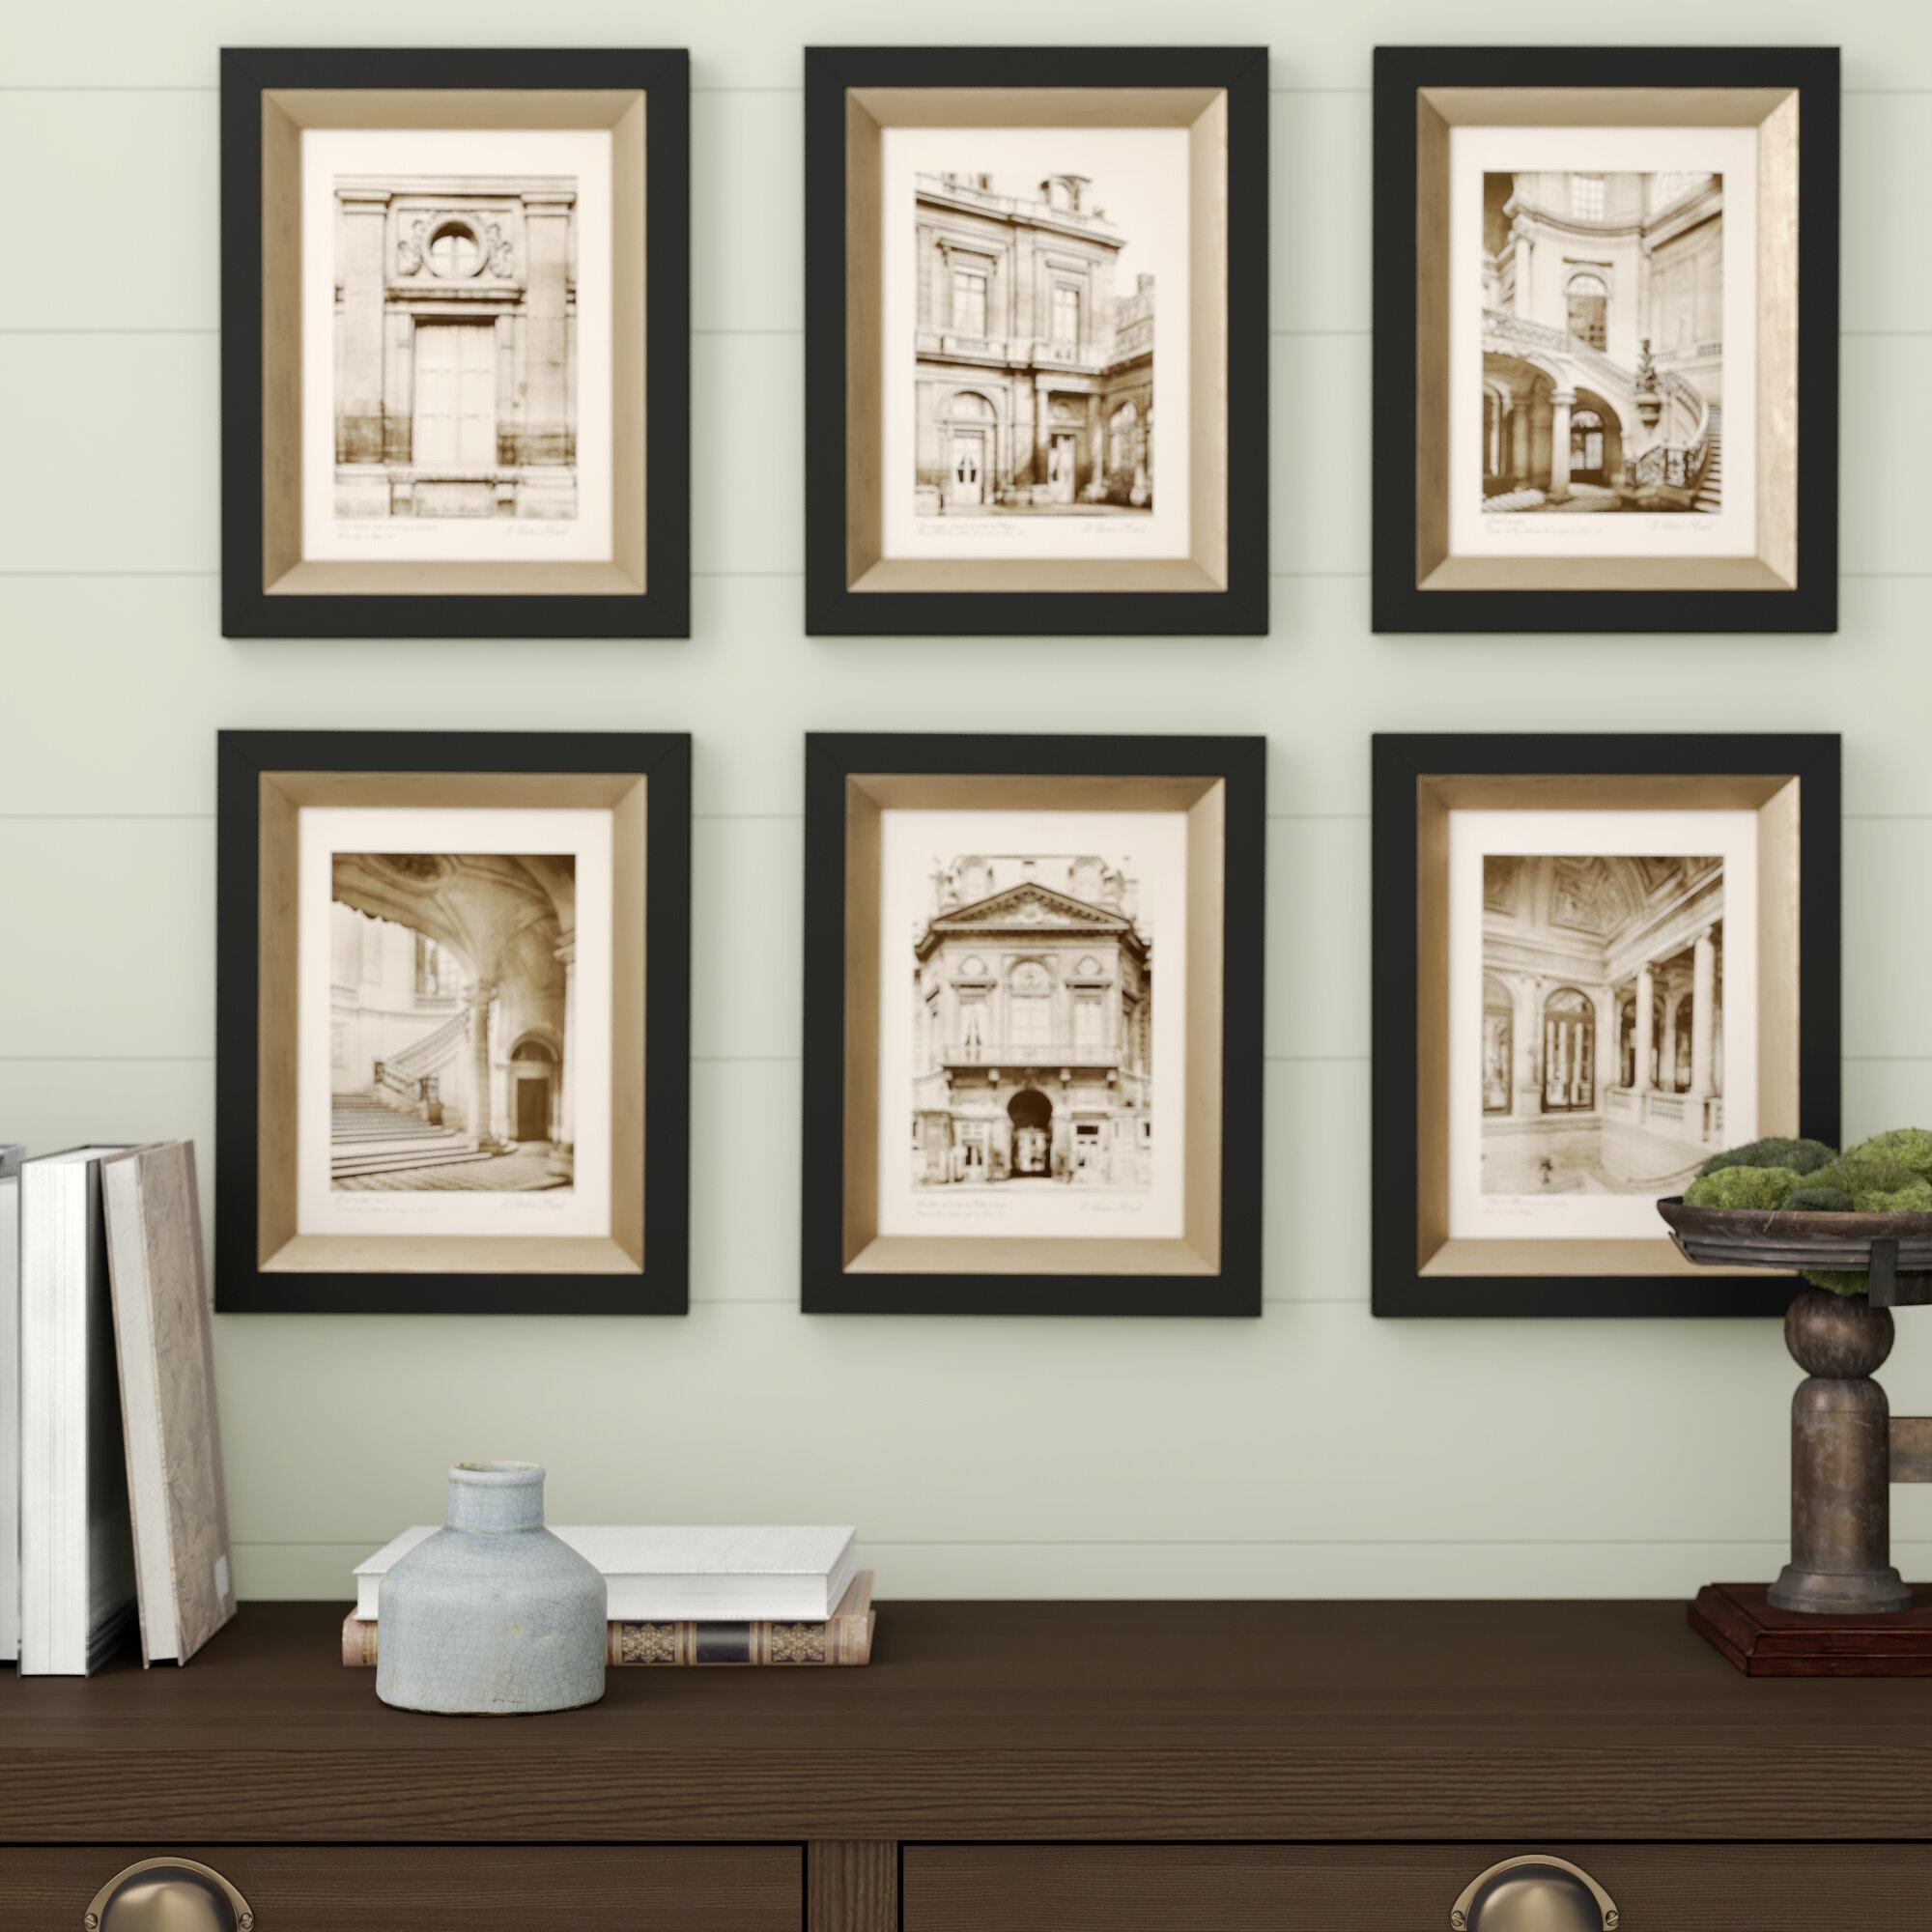 4 Piece Framed Wall Art You Ll Love In 2021 Wayfair